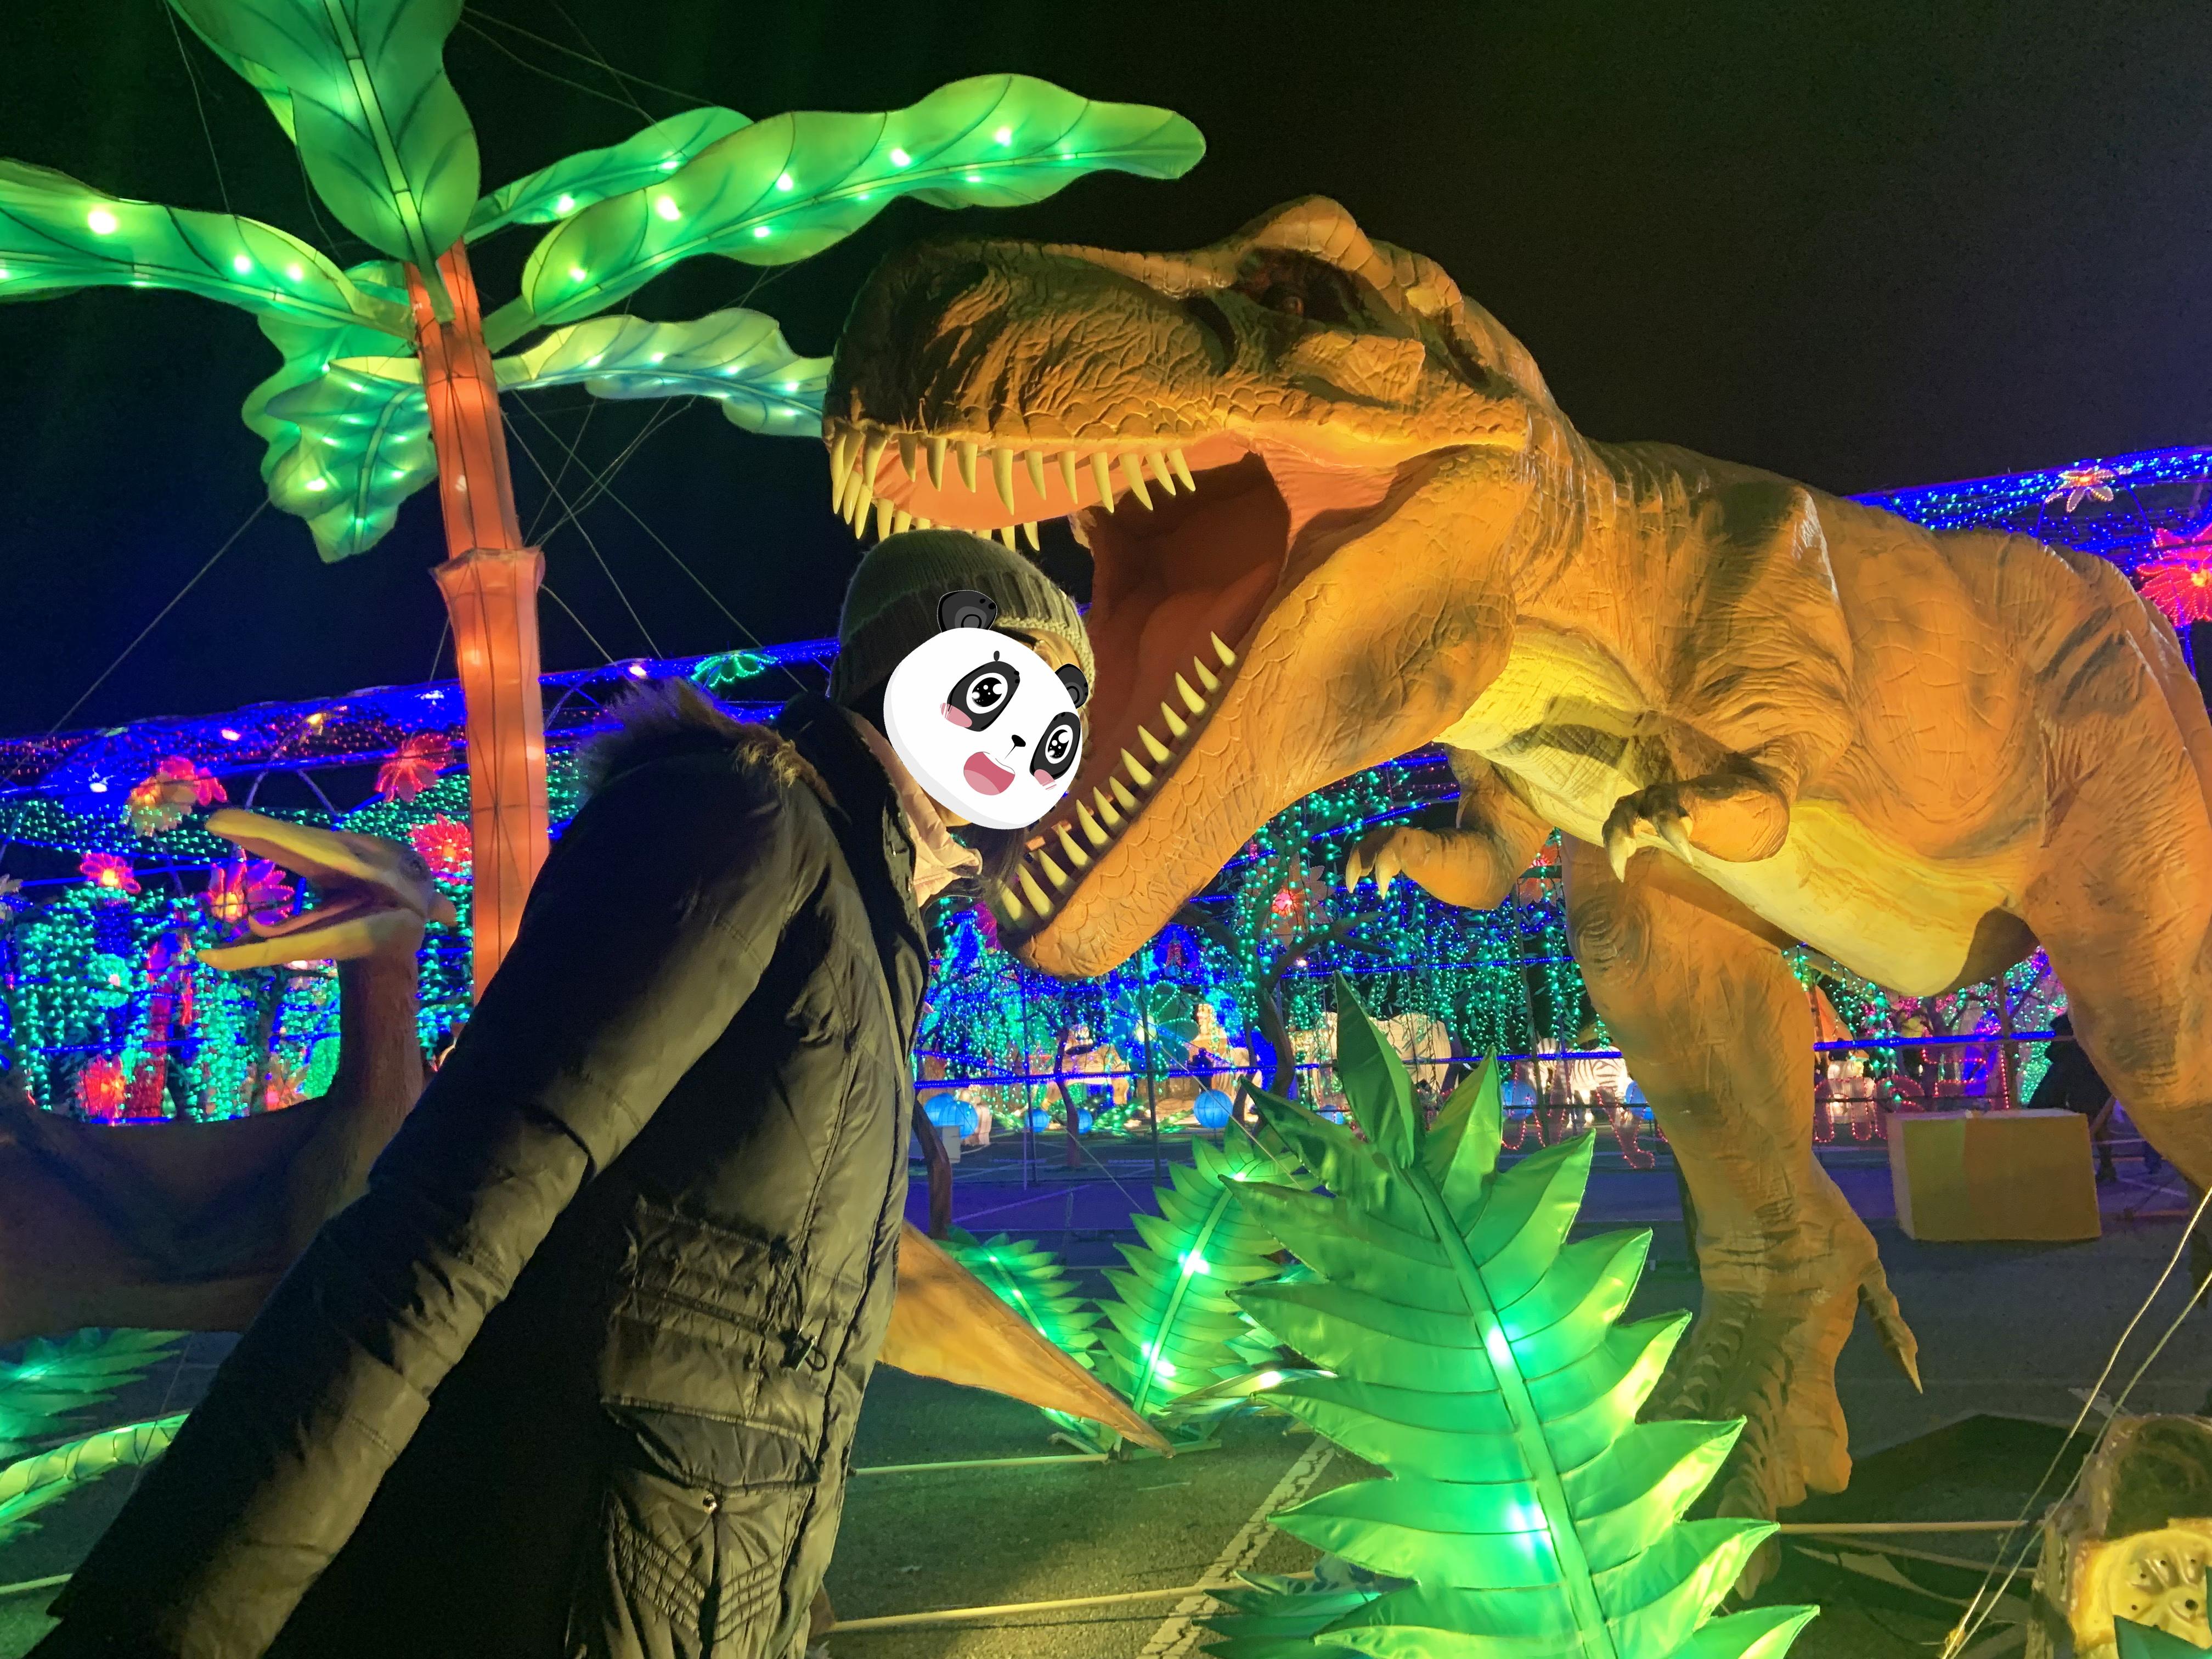 網友最愛把頭伸進恐龍嘴巴,假裝驚恐。網友Margaret/提供